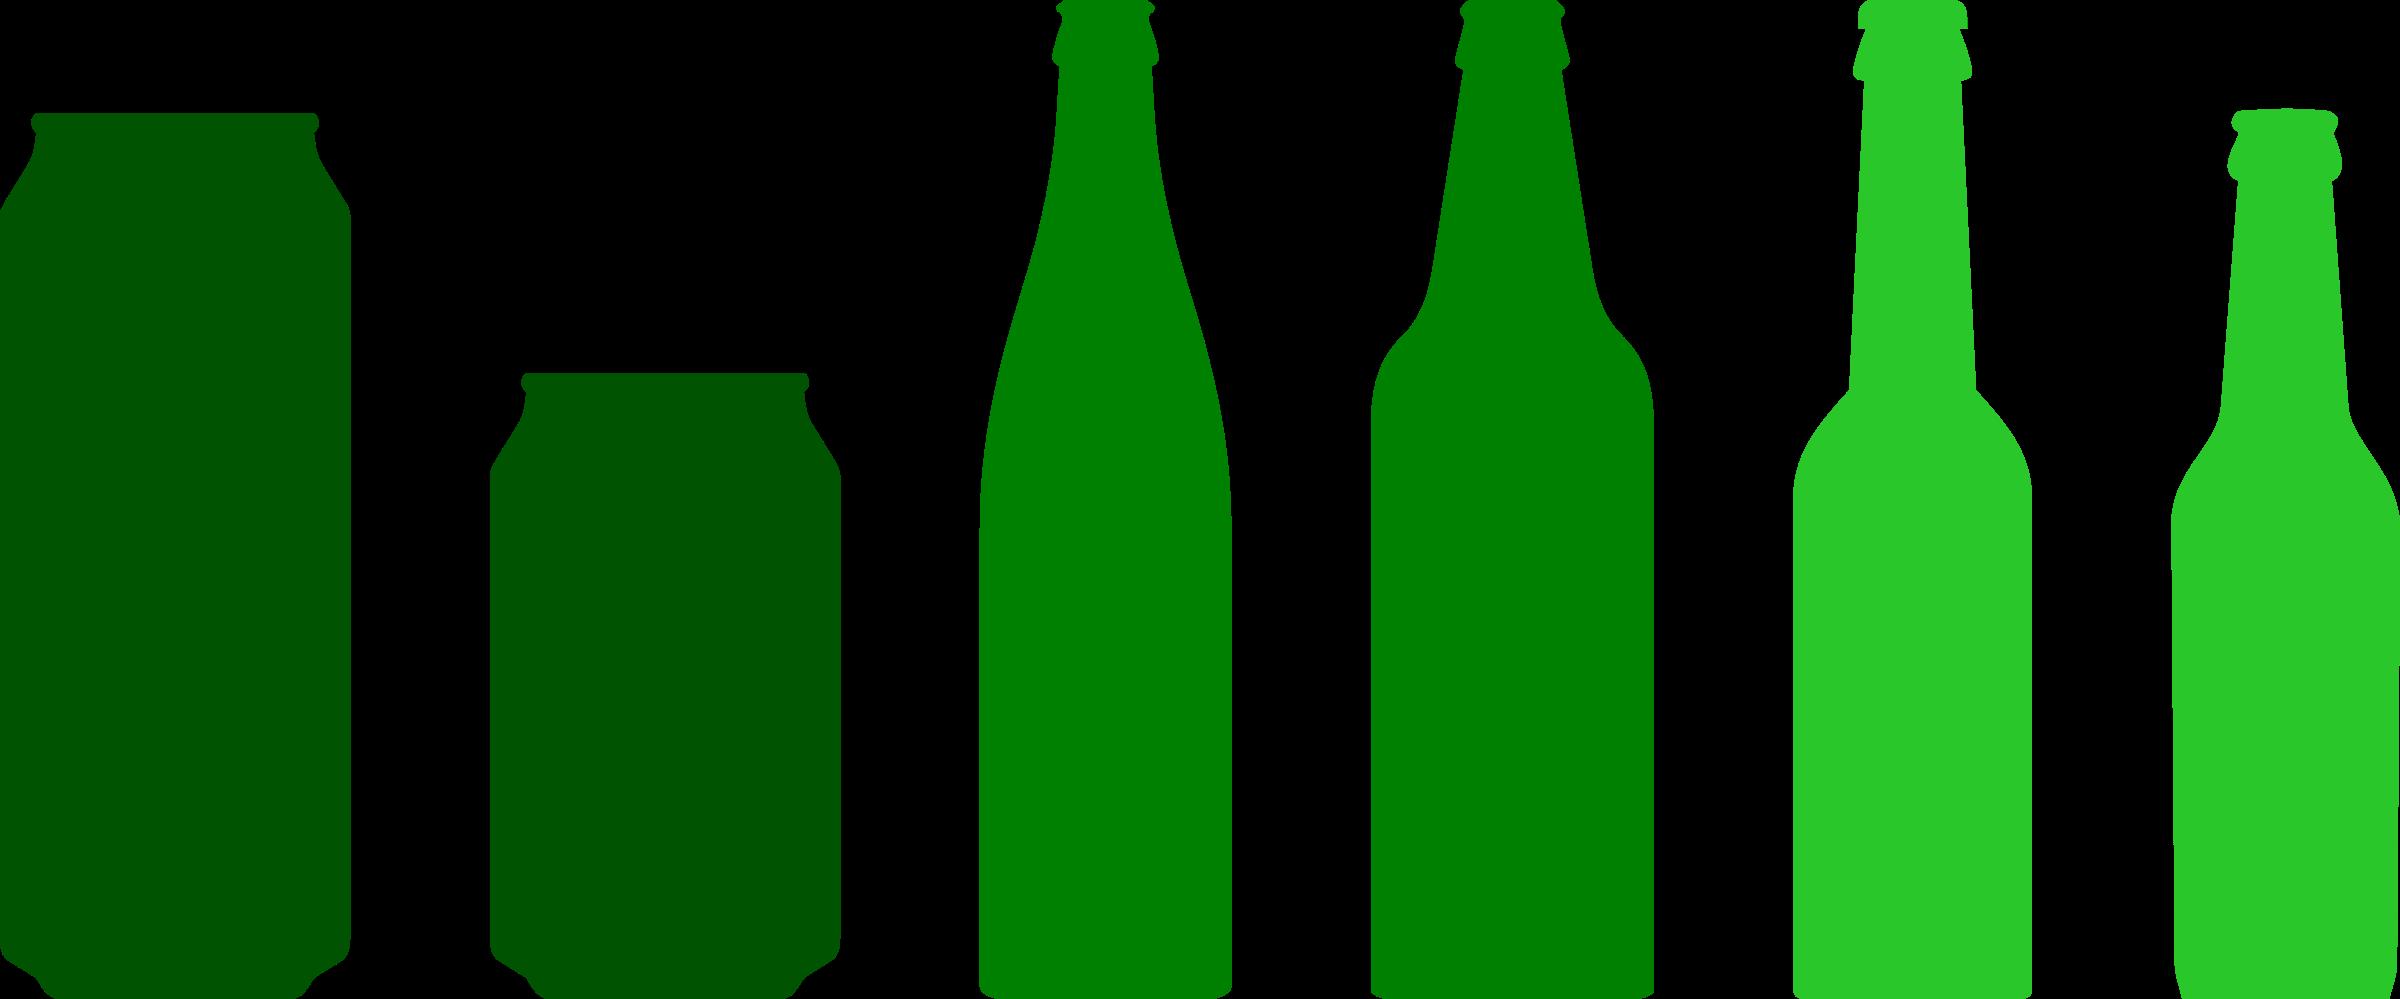 Beer Bottle Alcoholic Drink Plastic Bottle.